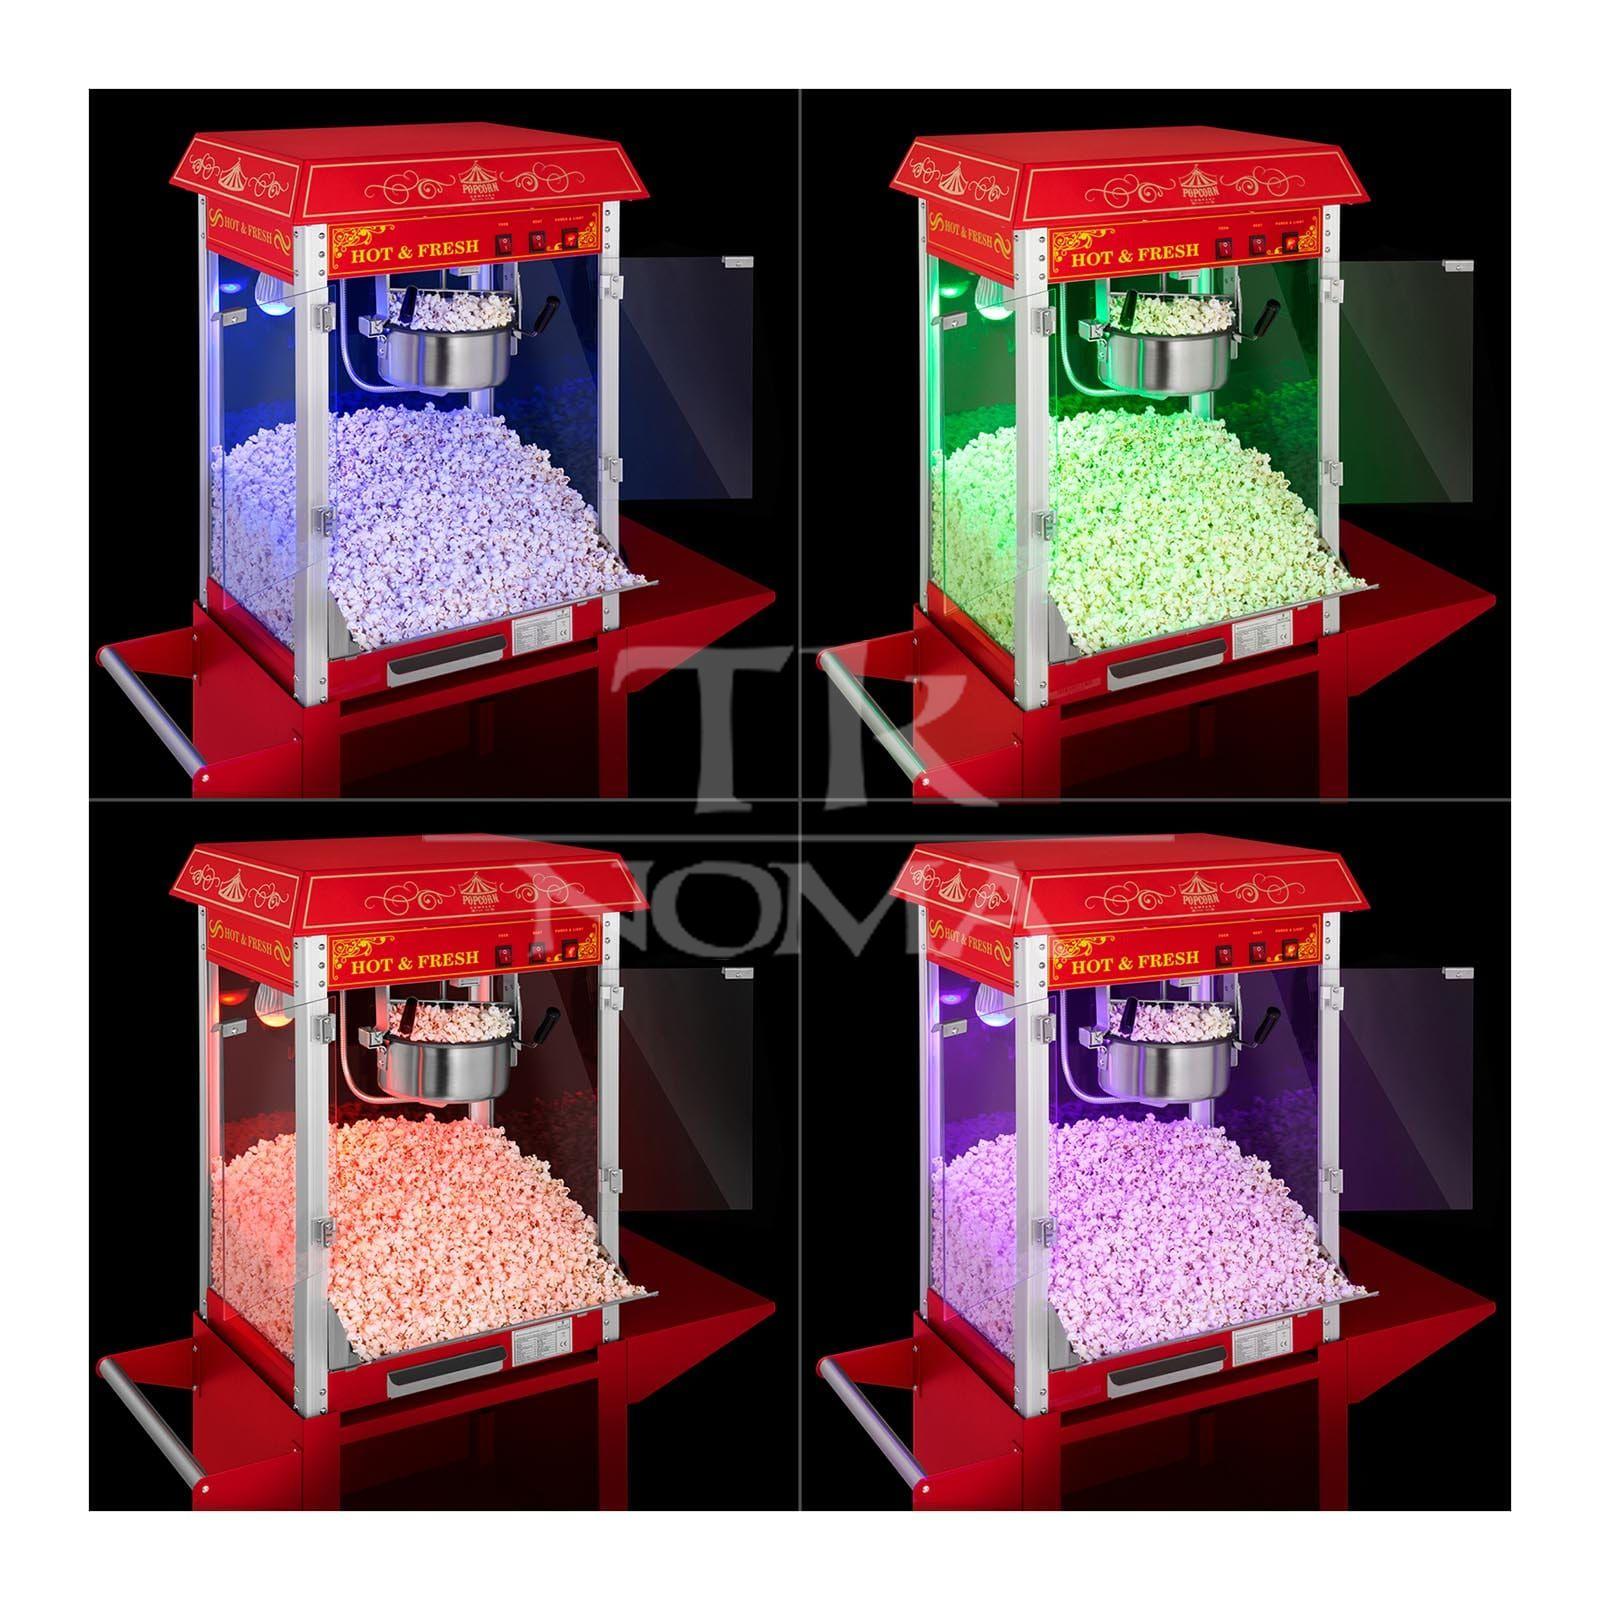 Popkorna aparāts ar maināmu krāsu pasākumiem un ballītēm